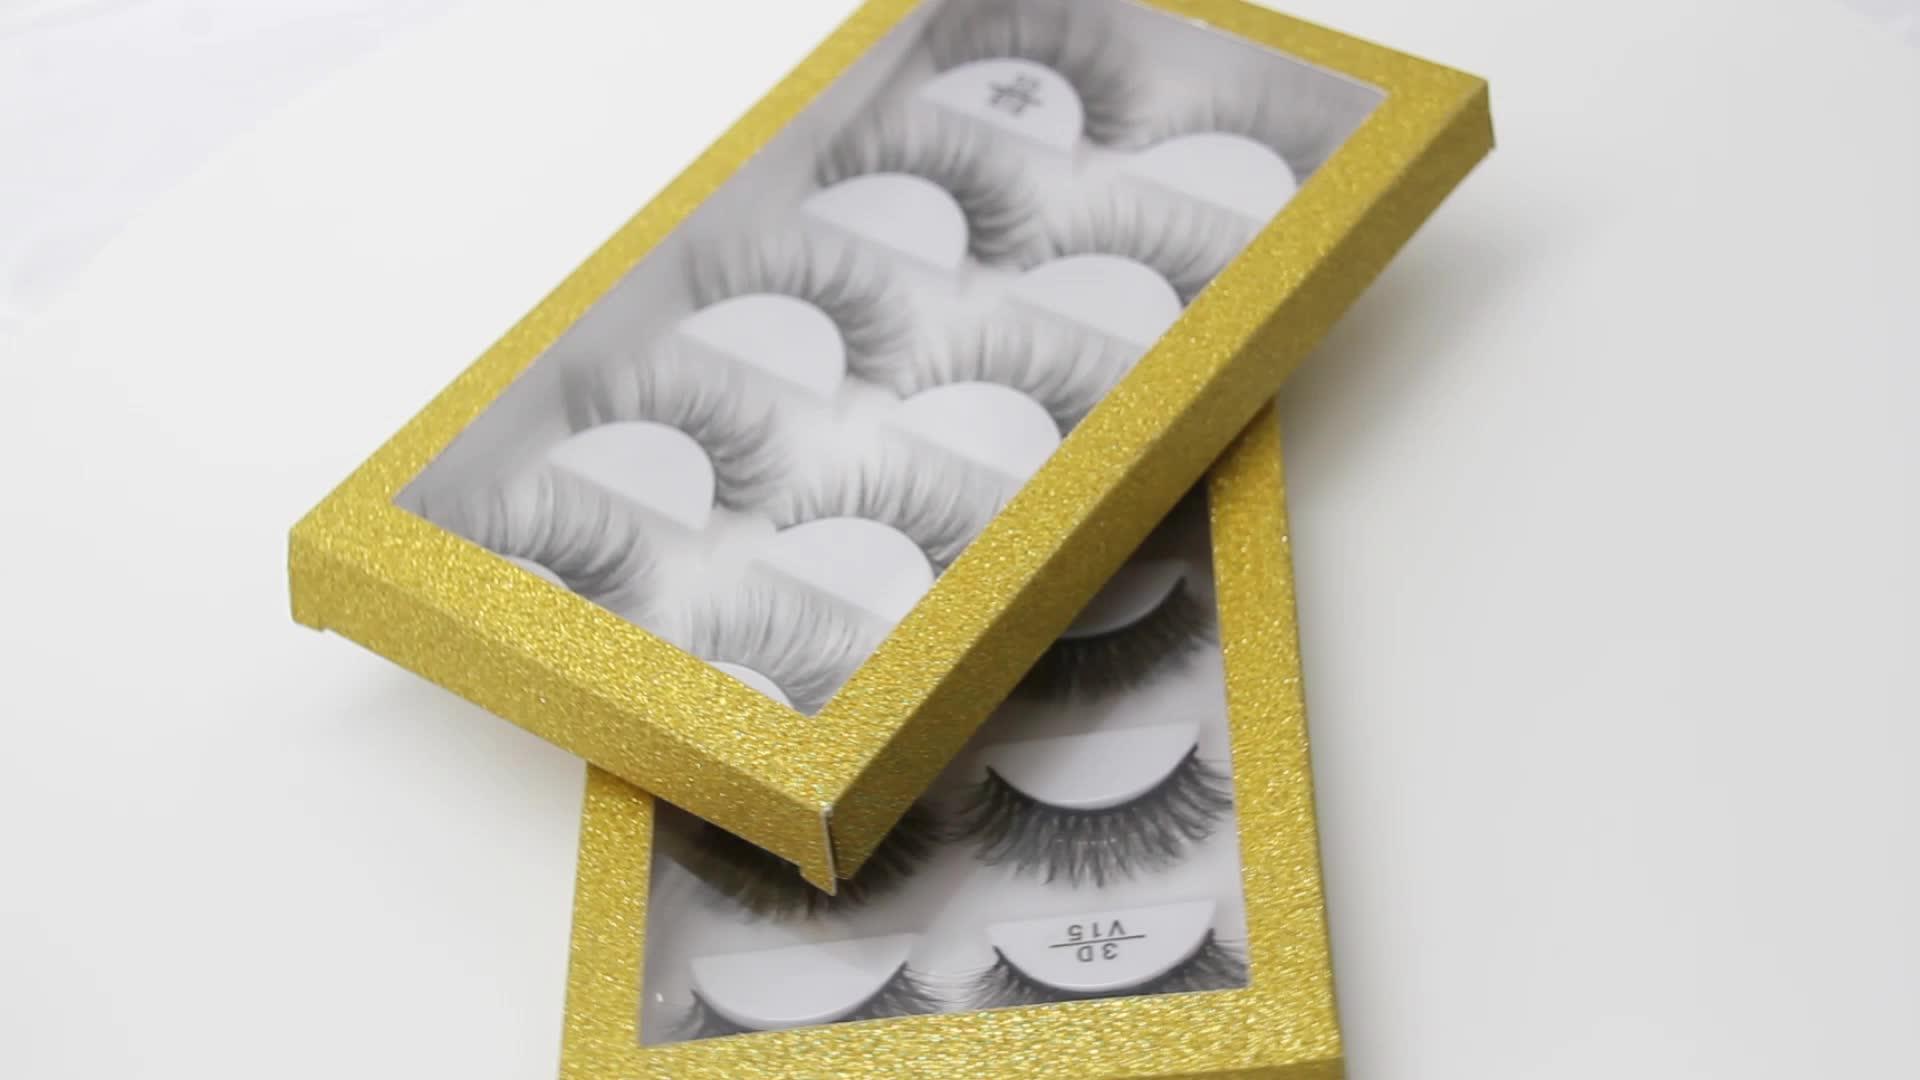 Groothandel Private Label Valse Wimpers gevallen custom 5 pairs lash box Custom Verpakking Dozen